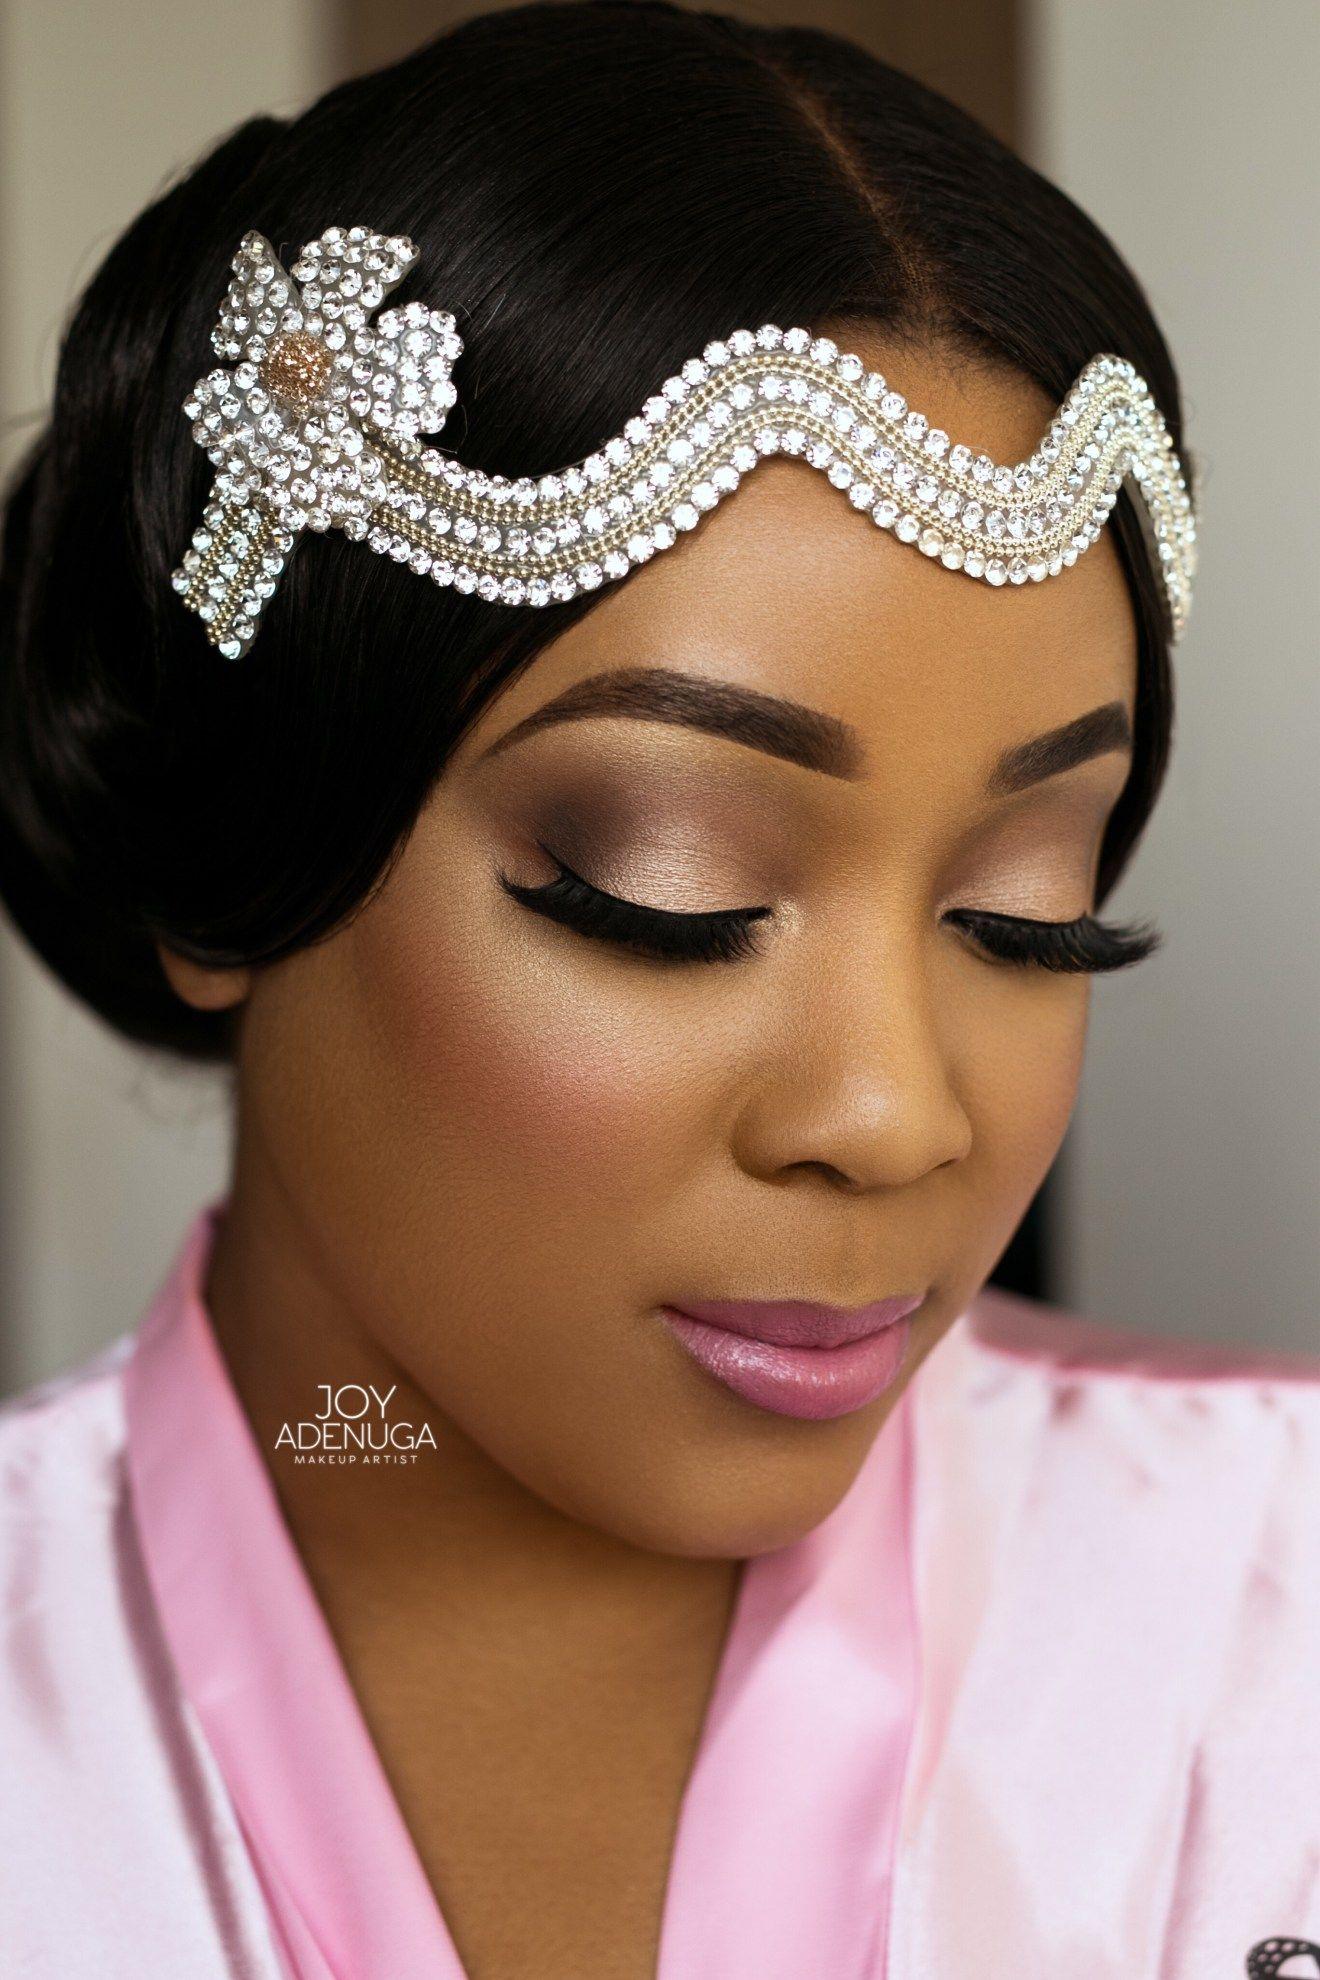 Cherish's Wedding, joy adenuga, black bride, black bridal